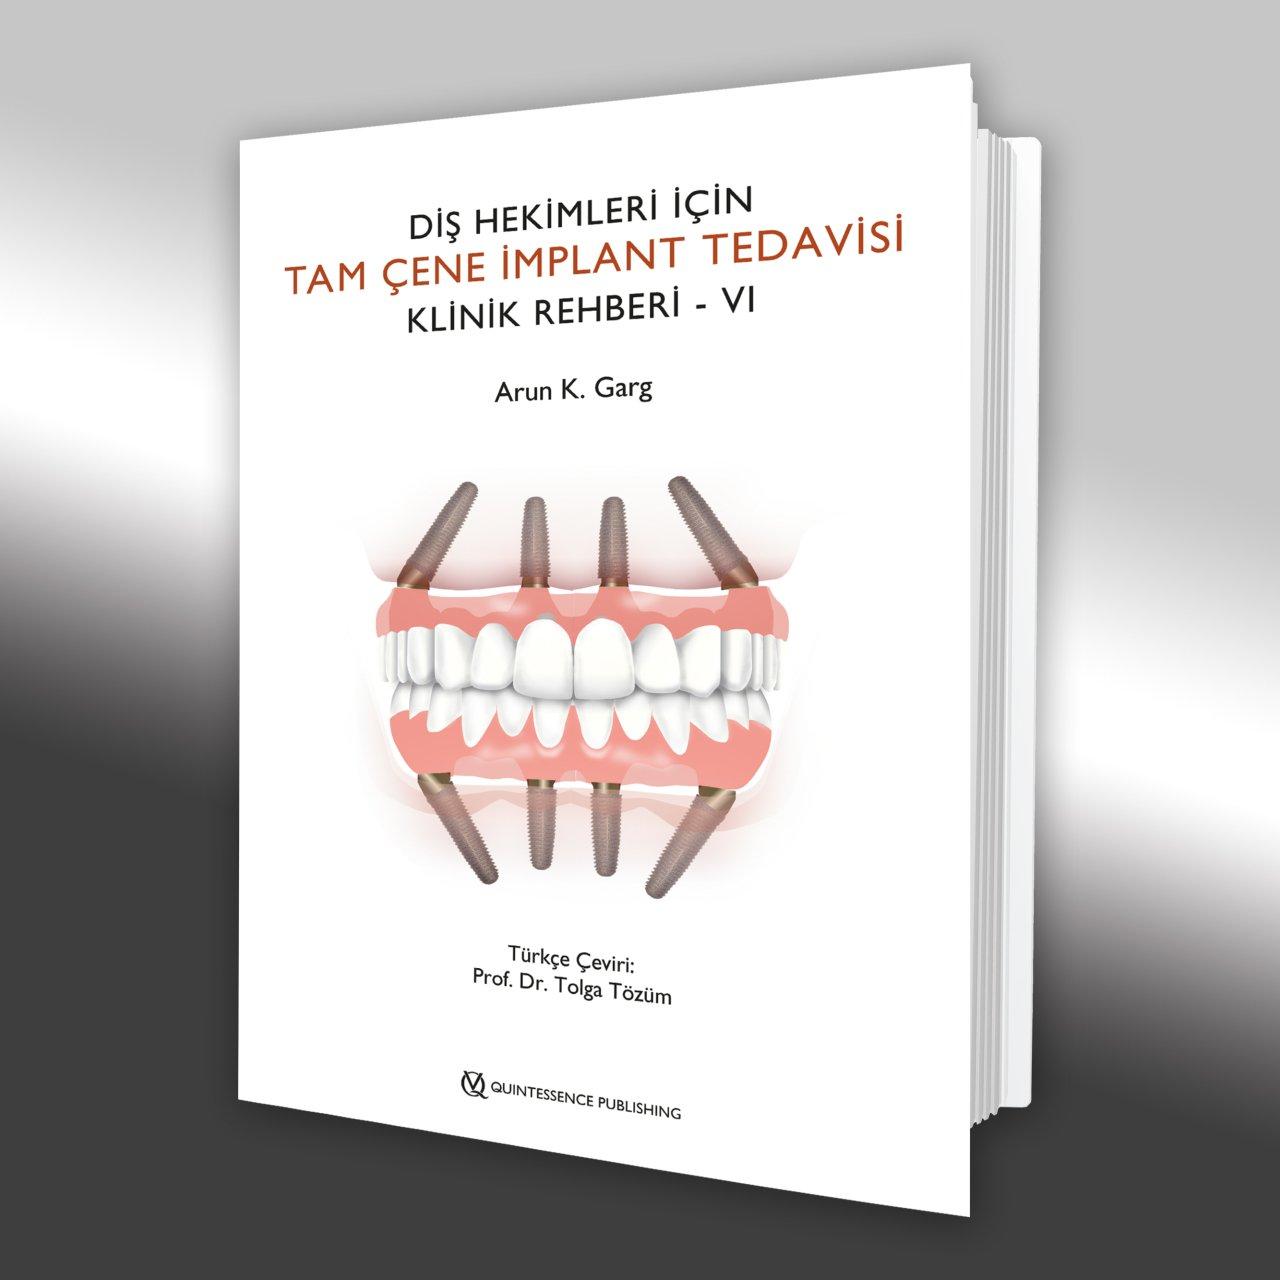 DİŞ HEKİMLERİ İÇİN TAM ÇENE İMPLANT TEDAVİSİ KLİNİK REHBERİ - VI